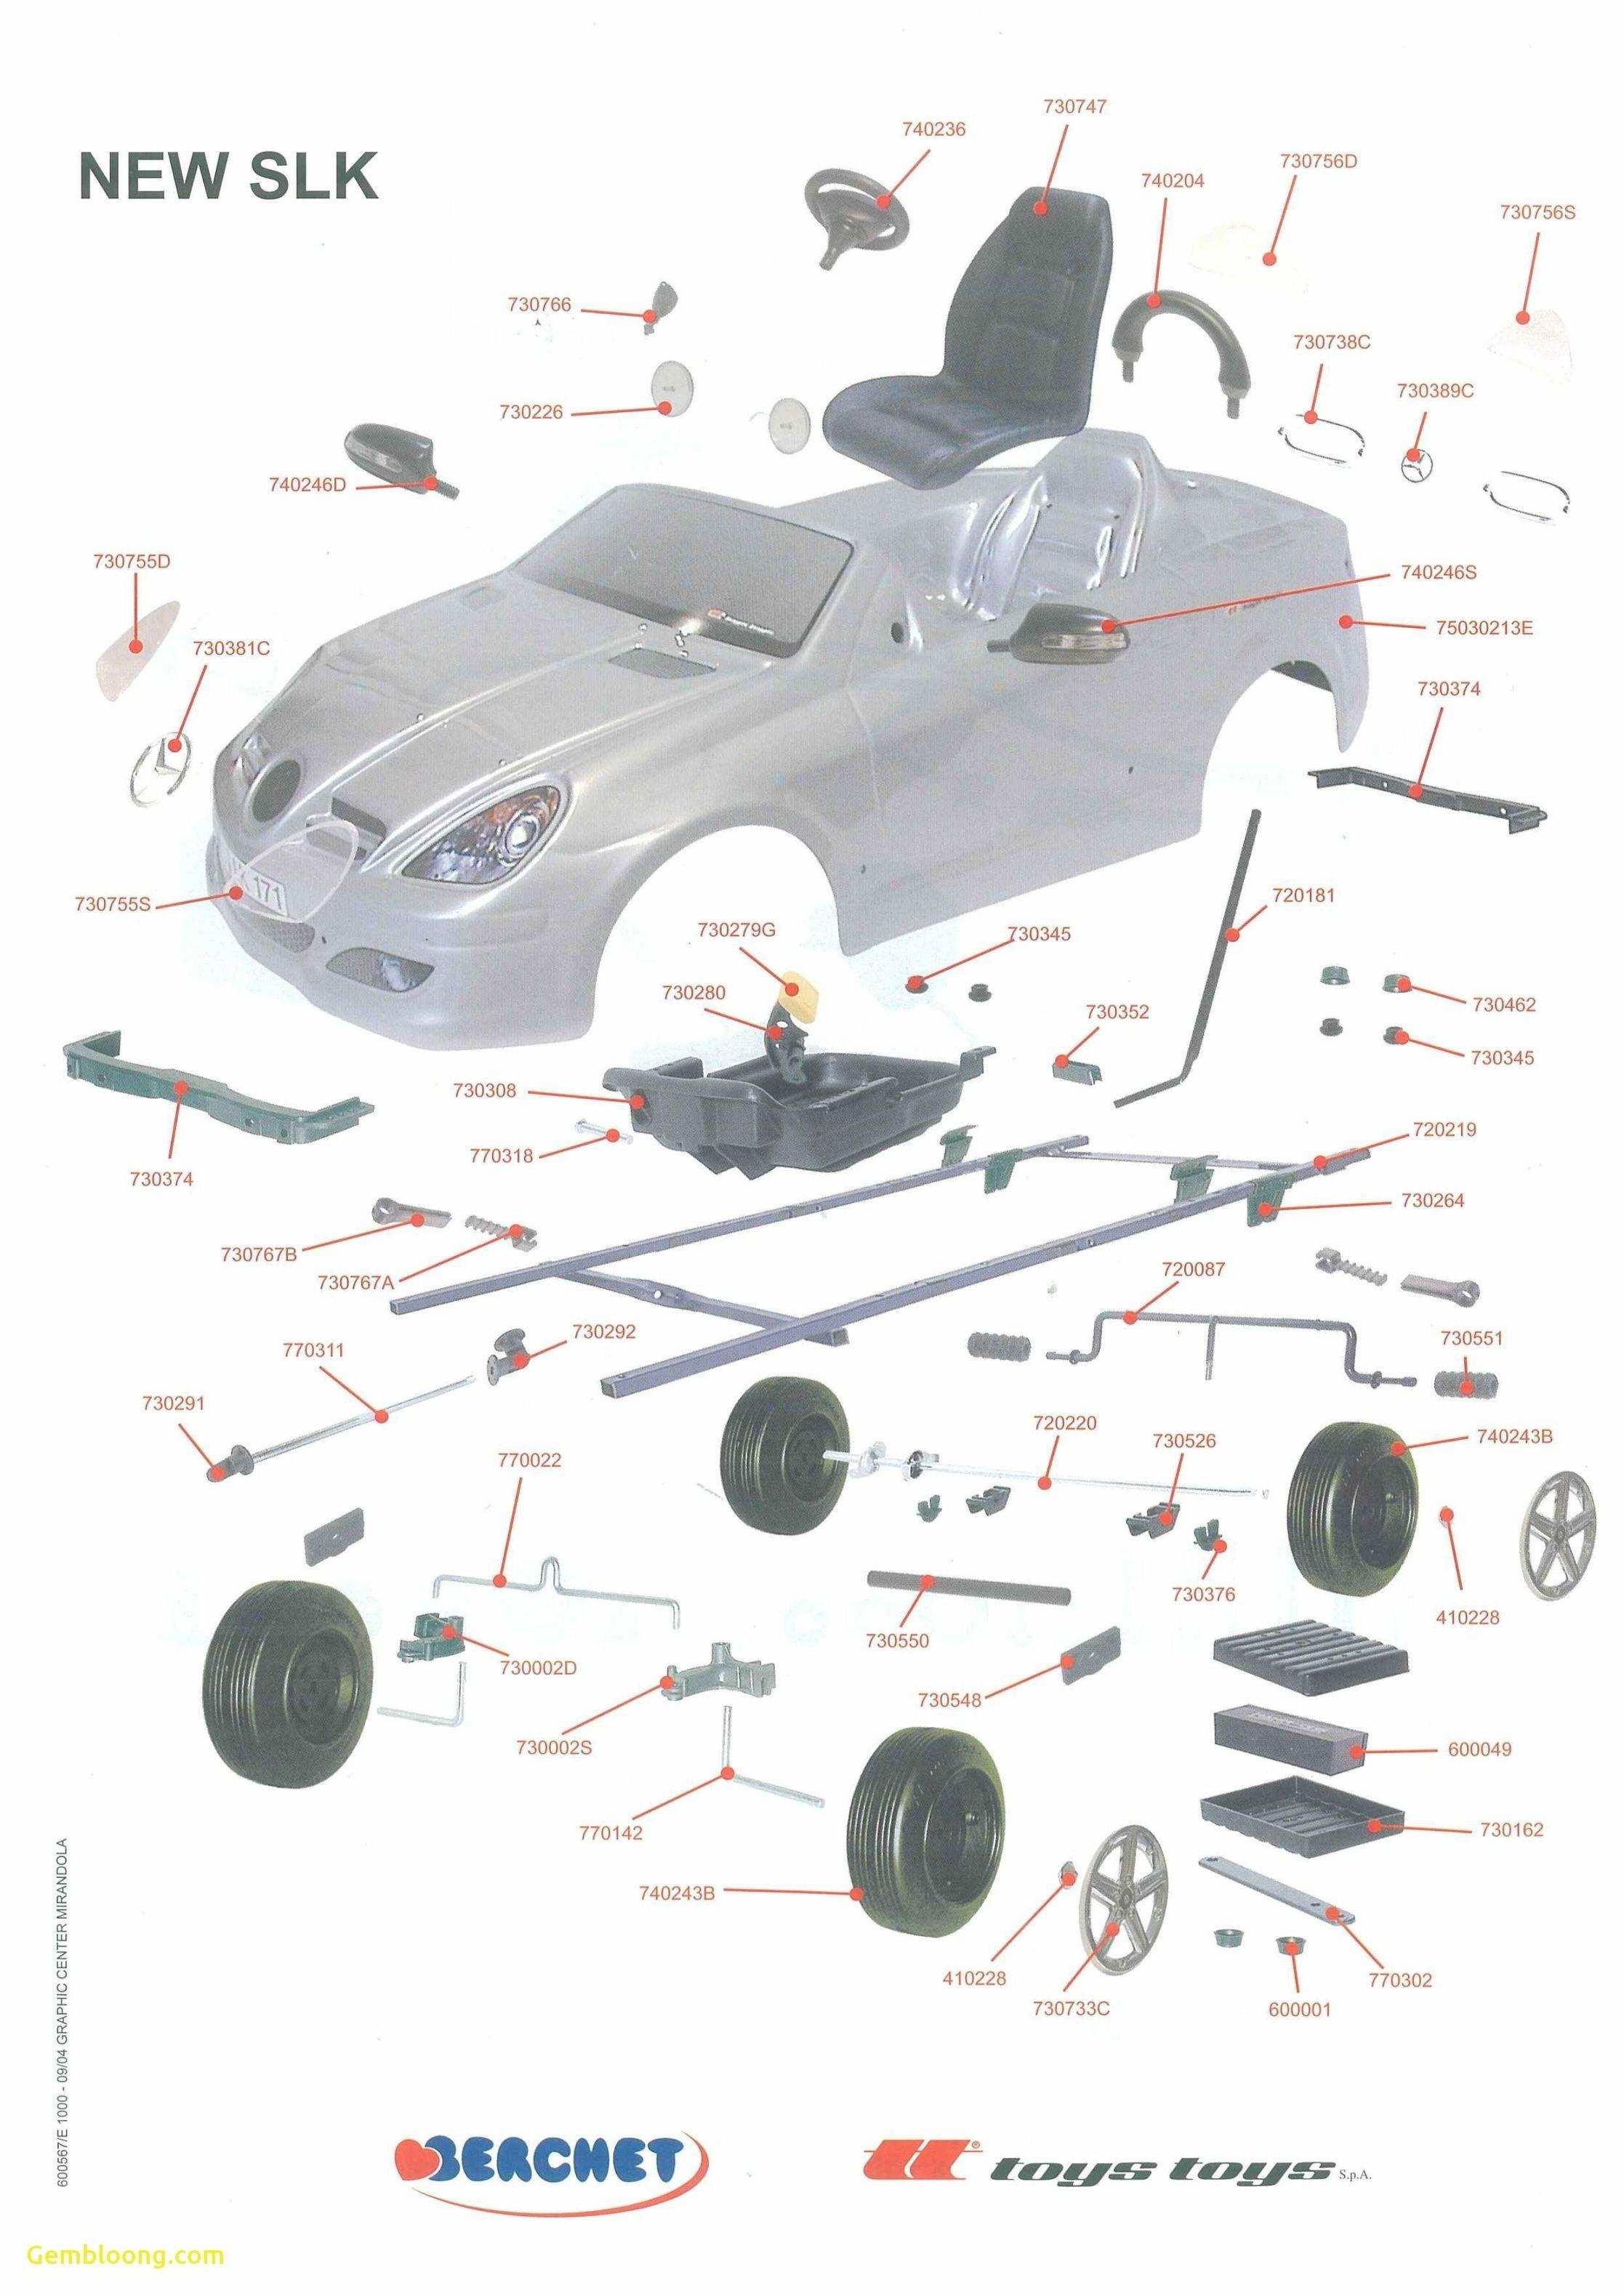 Automobile Body Parts Diagram Car Body Parts Names Diagram Of Automobile Body Parts Diagram